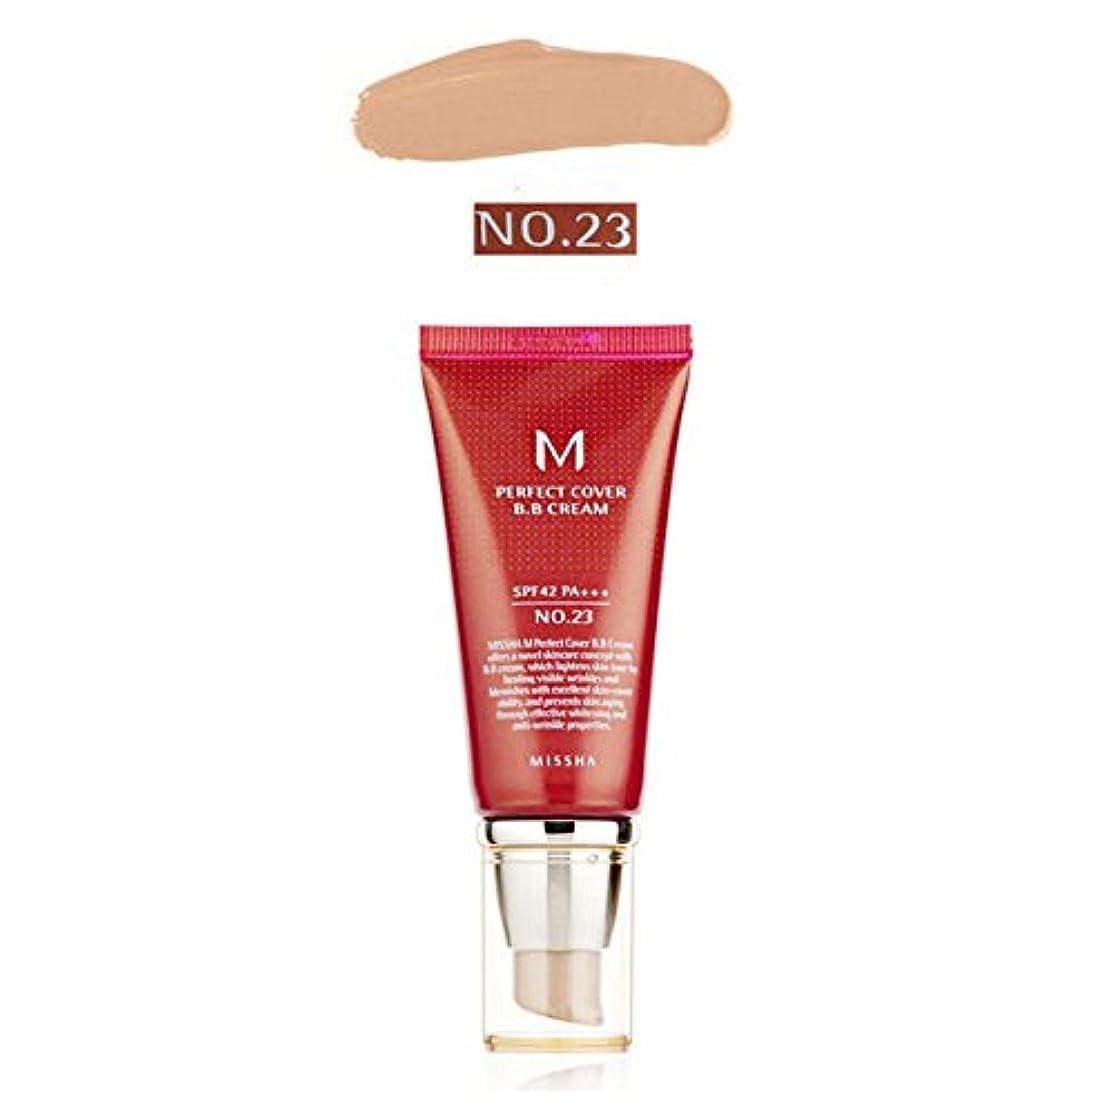 皮降伏結晶[ミシャ] MISSHA [M パーフェクト カバー BBクリーム 21号 / 23号50ml] (M Perfect Cover BB cream 21号 / 23号 50ml) SPF42 PA+++ (Type2...